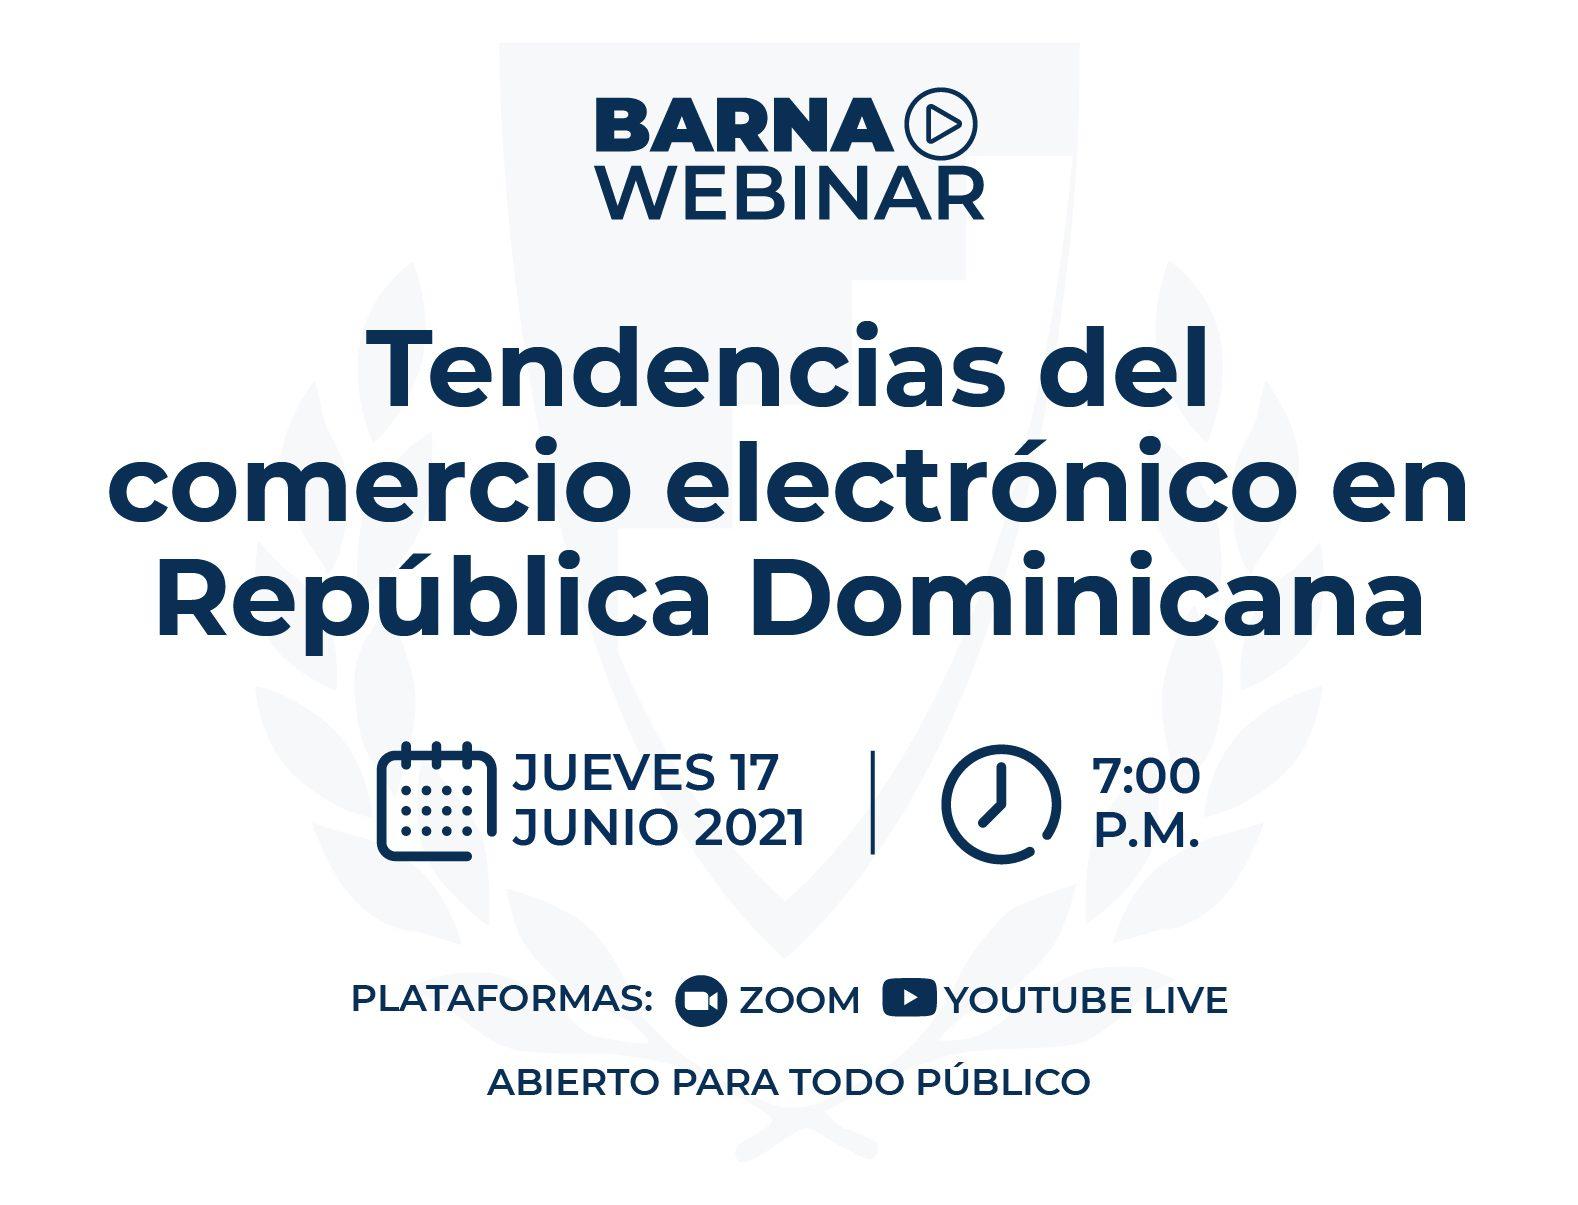 Tendencias del comercio electrónico en República Dominicana